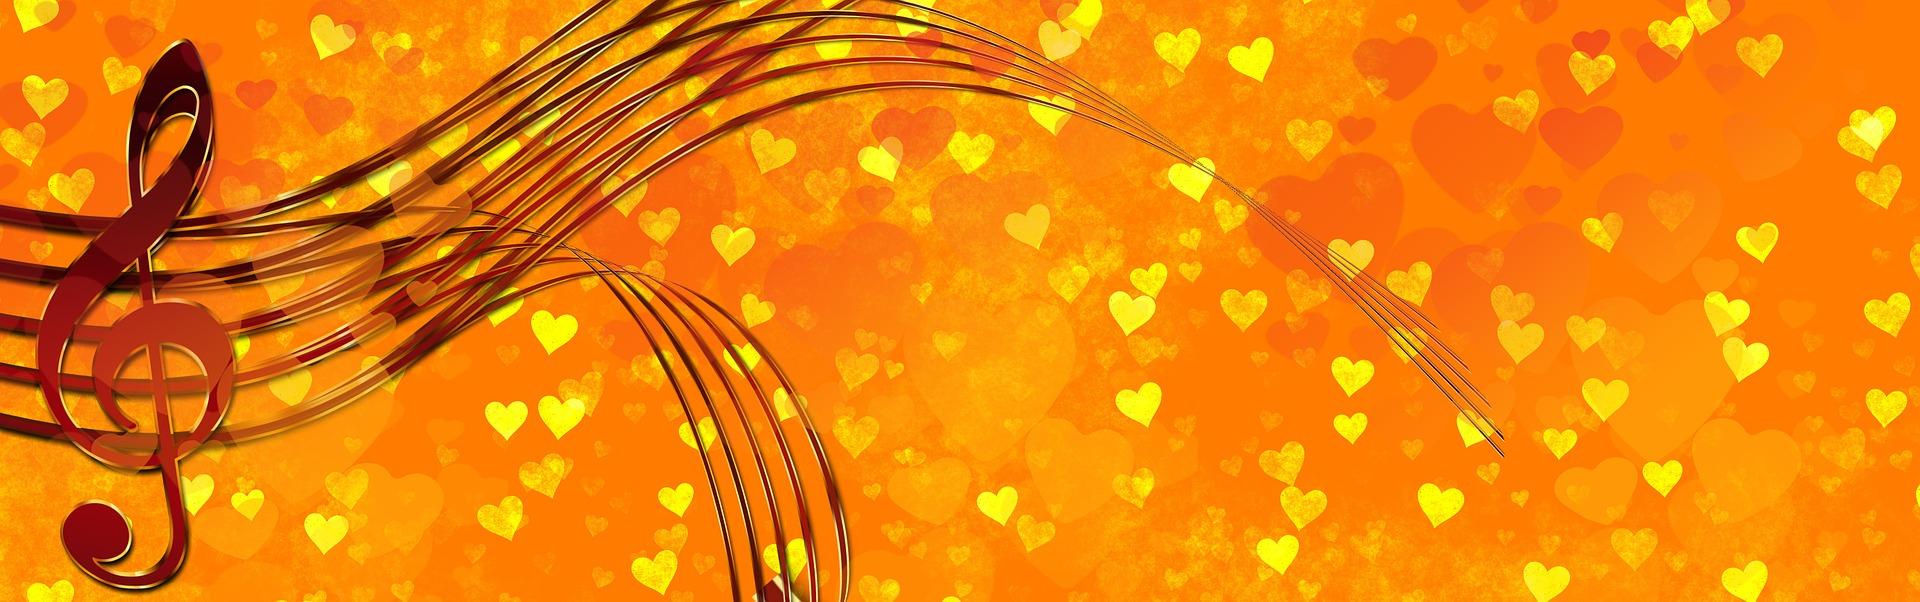 heart-harmony